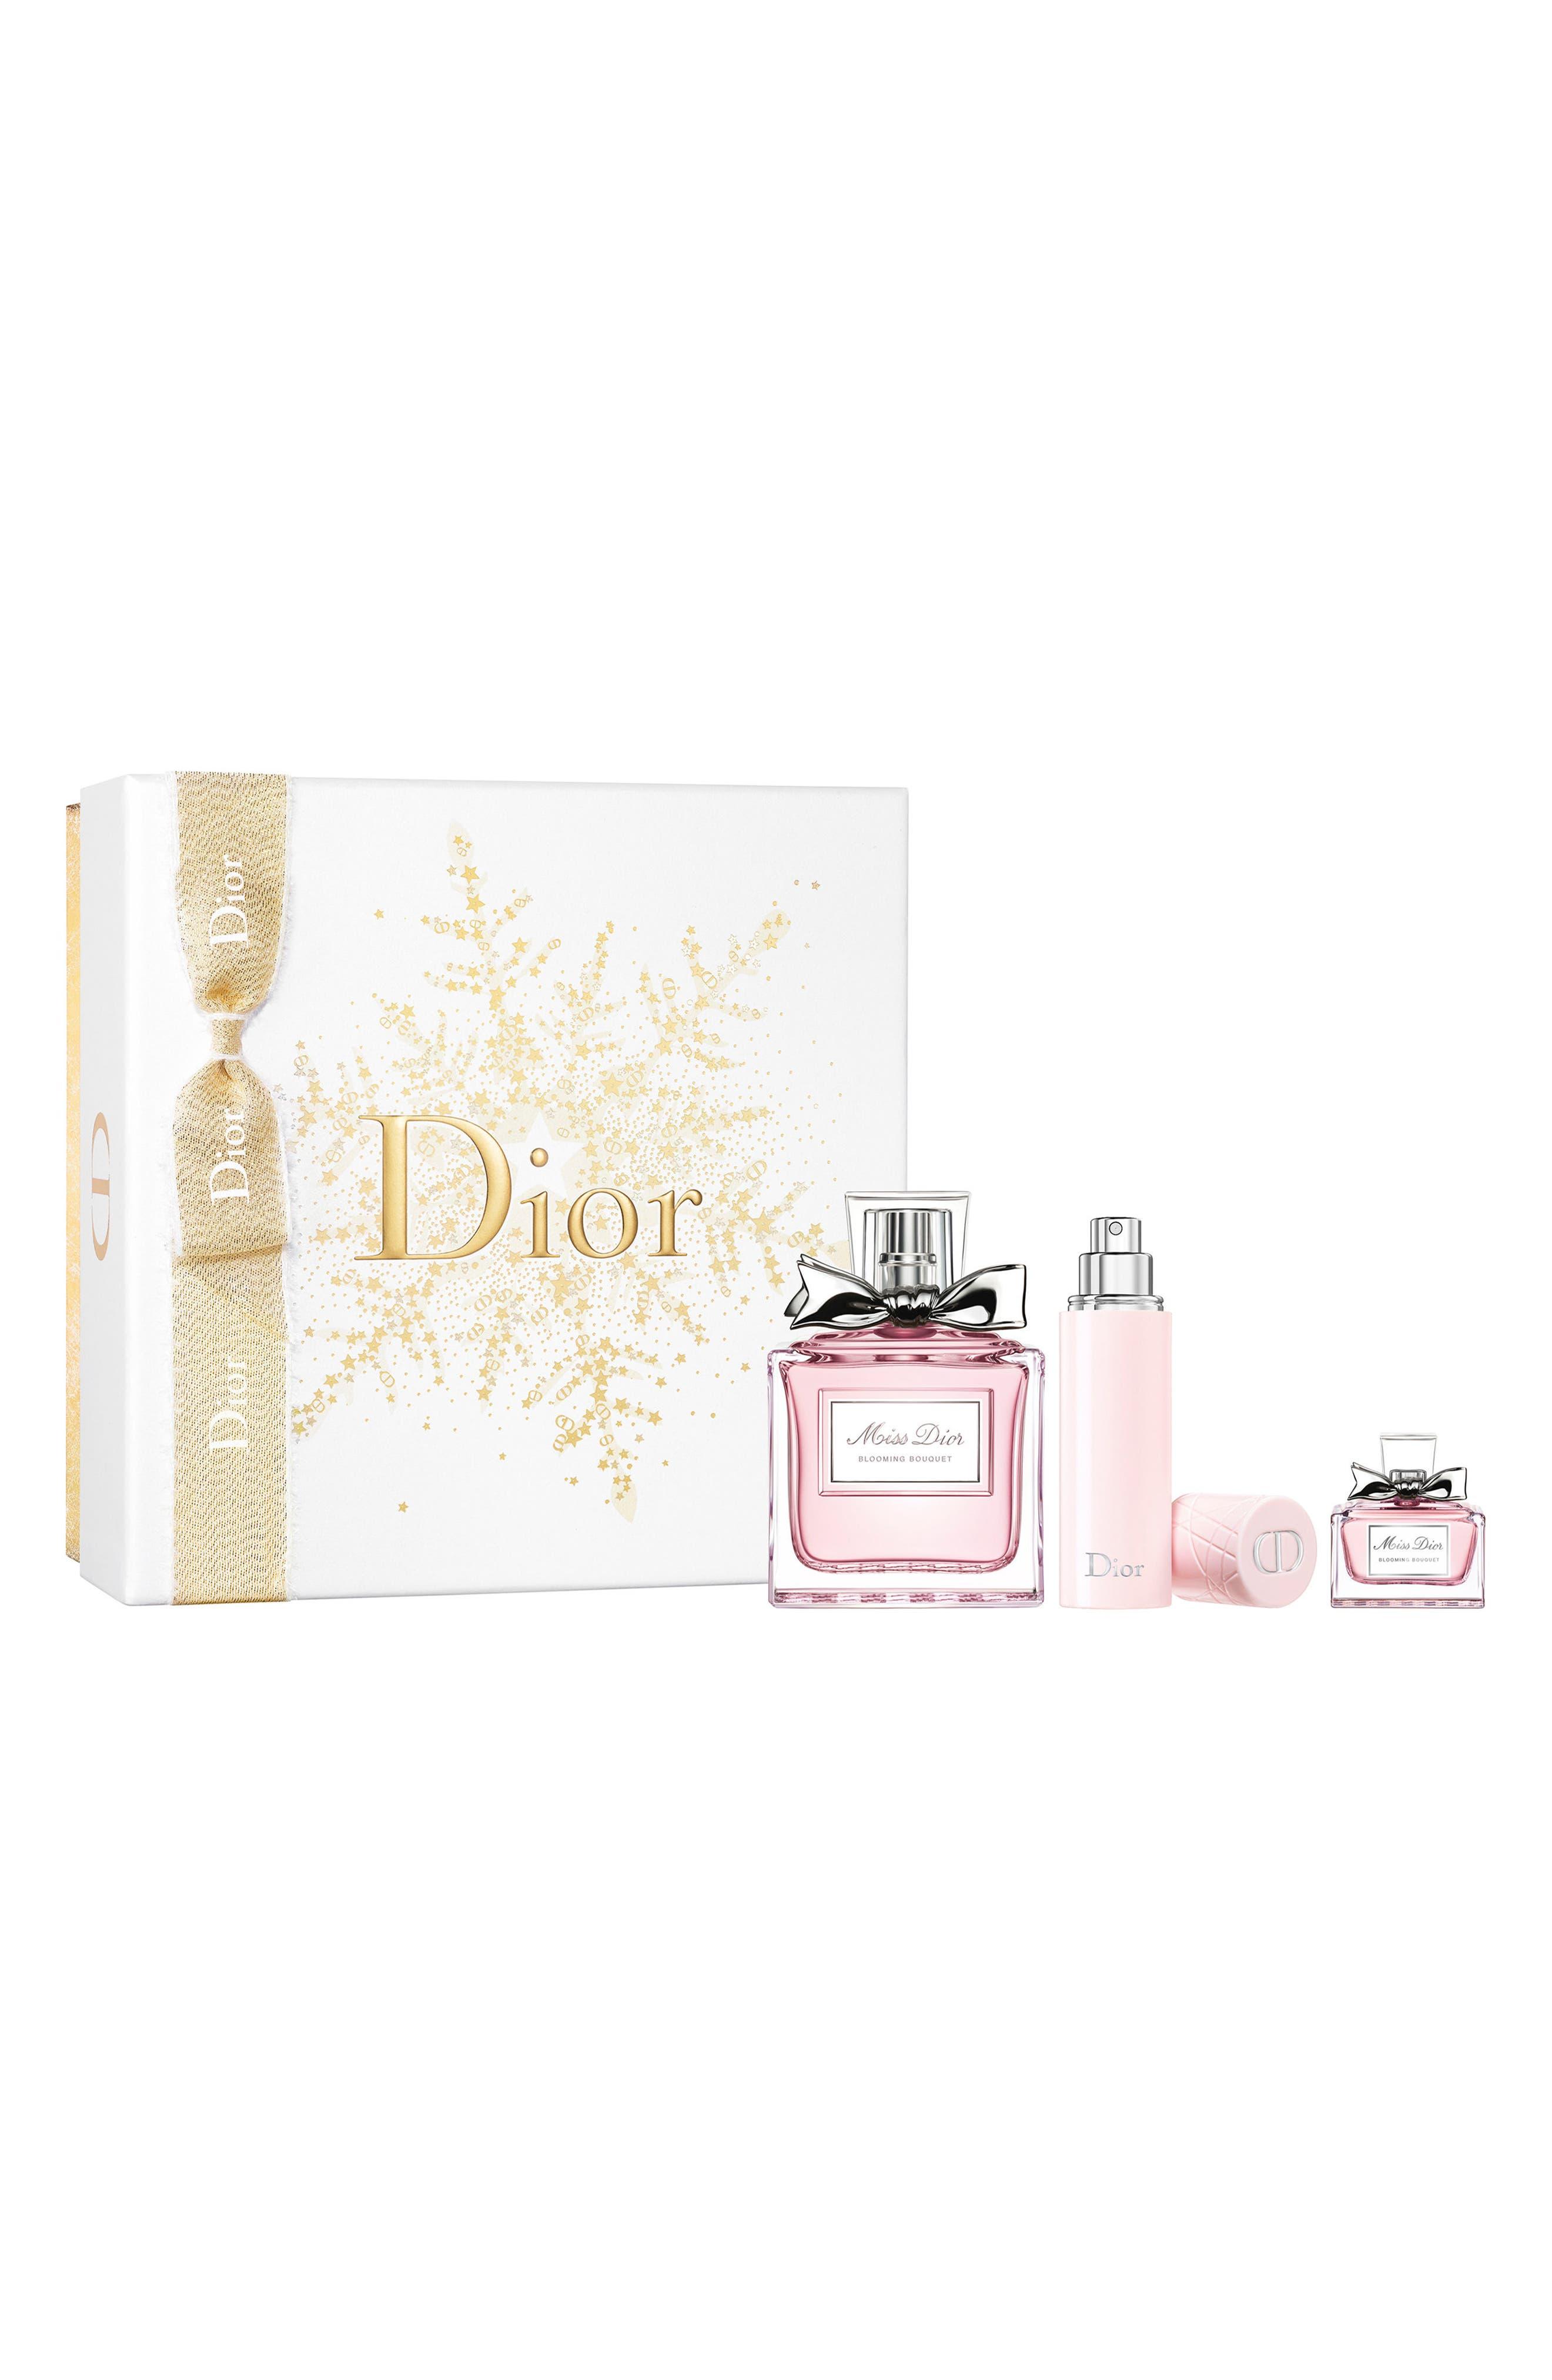 Dior Miss Dior Blooming Bouquet Eau de Toilette Signature Set